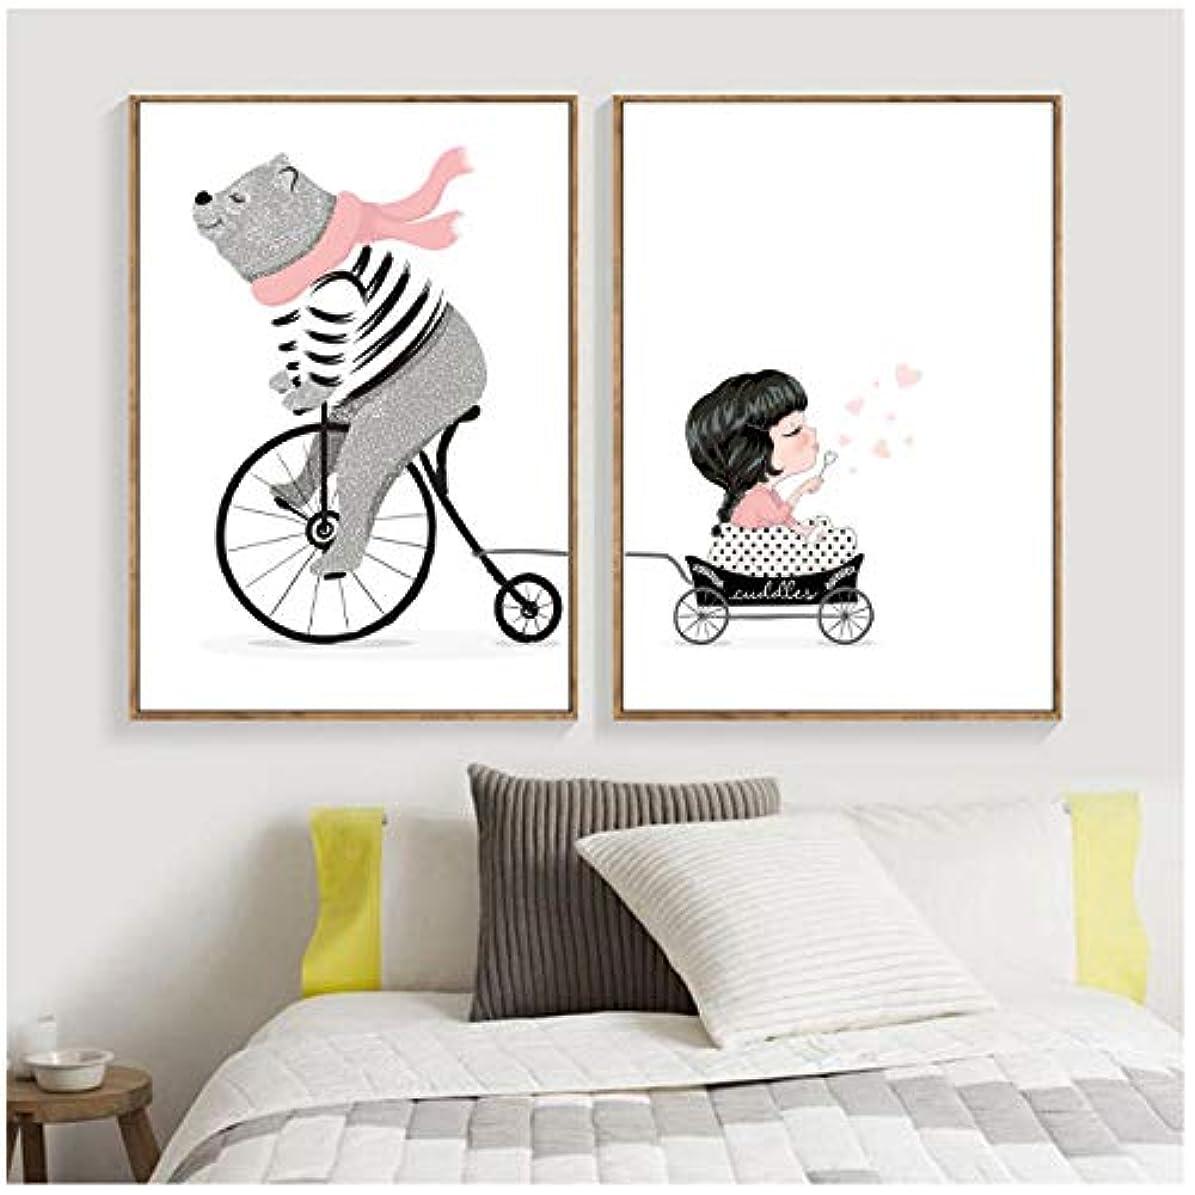 添加偽造記念品漫画クマ自転車リトルガールプリンセスポスターと版画保育園ウォールアートキャンバス絵画壁picturbesベイキッズルームの装飾40×60センチメートル×2なしフレーム